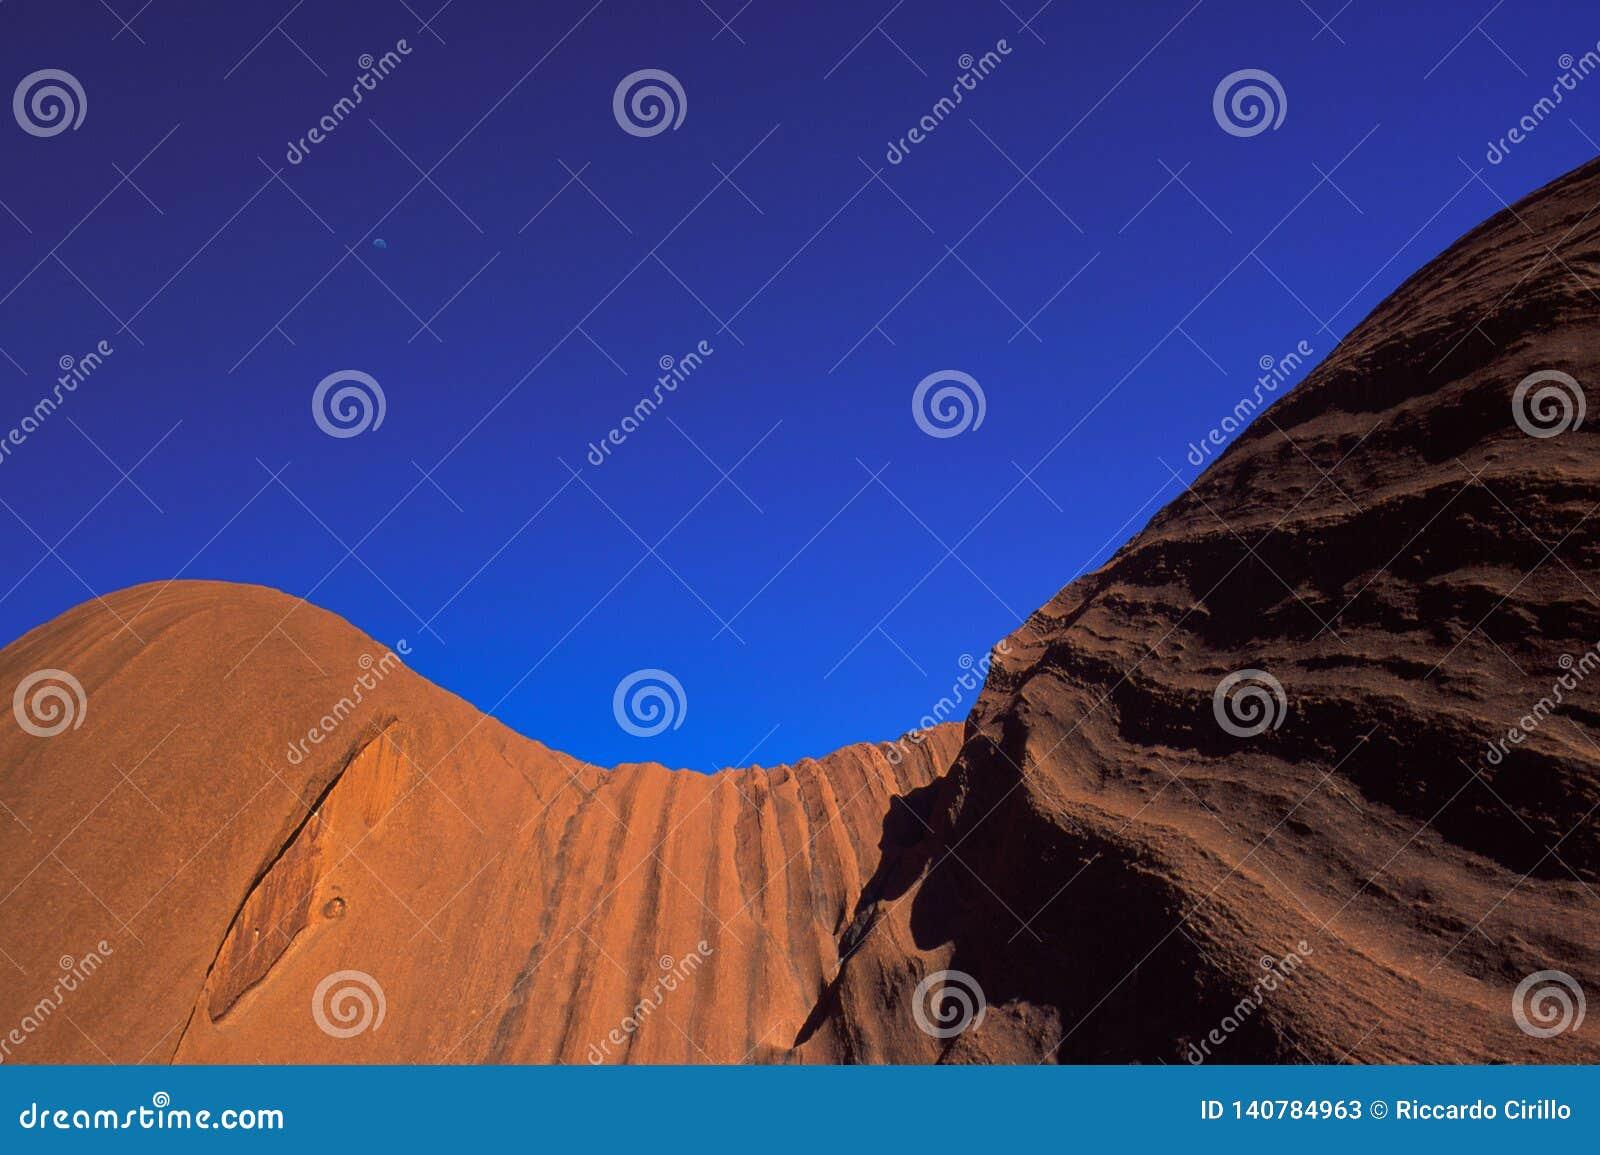 Feche acima das ideias da formação de rocha majestosa de rocha de Uluru Ayers no Uluru Kata Tjuta National Park, Austrália